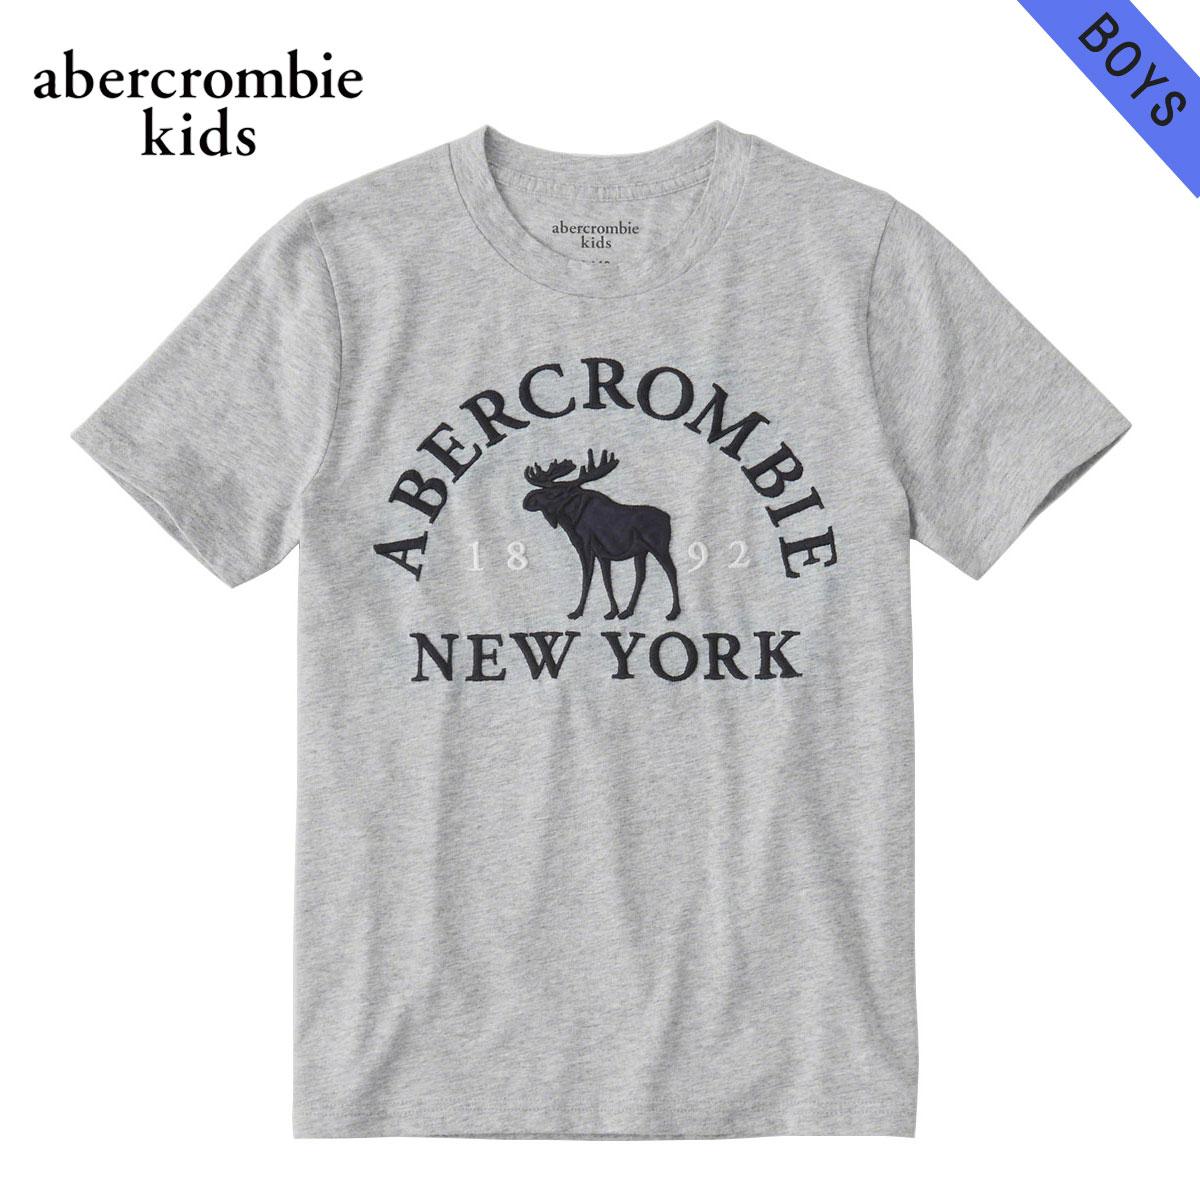 アバクロキッズ AbercrombieKids 正規品 子供服 ボーイズ 半袖ロゴTシャツ logo graphic tee 223-616-0086-011